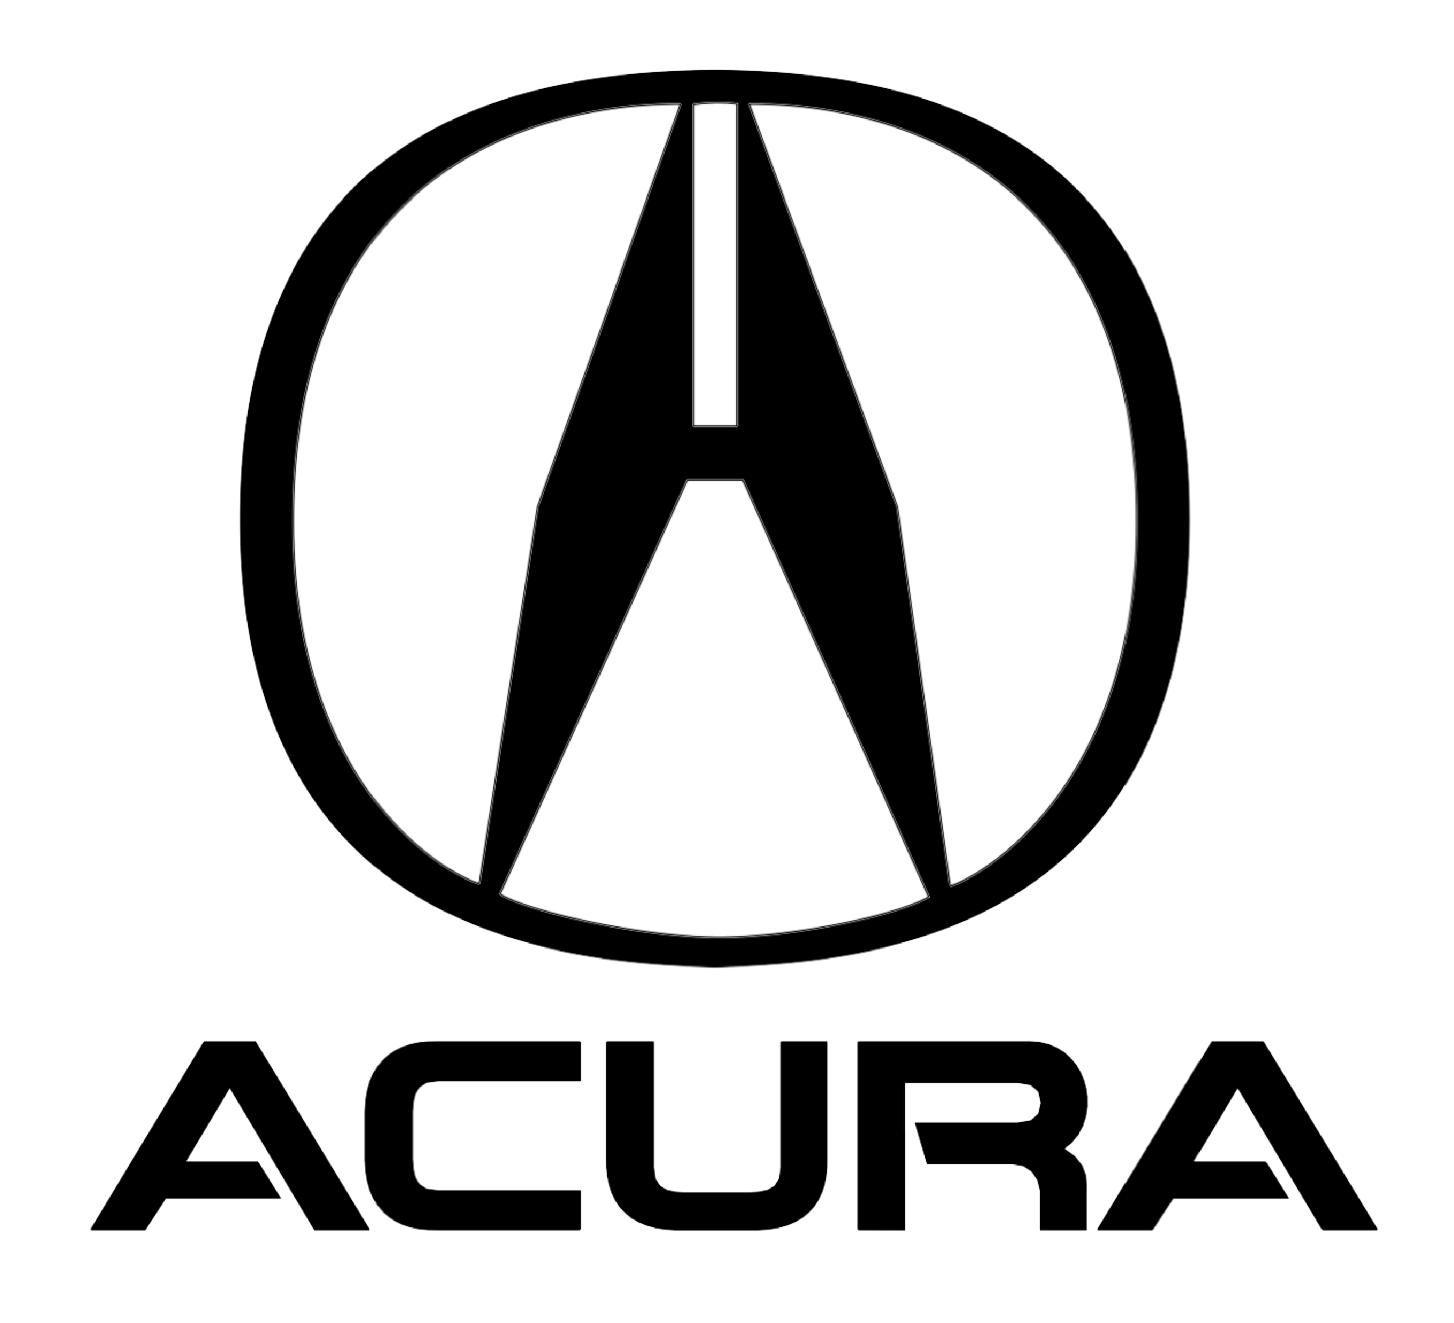 Acura est la marque haut de gamme de la firme japonaise